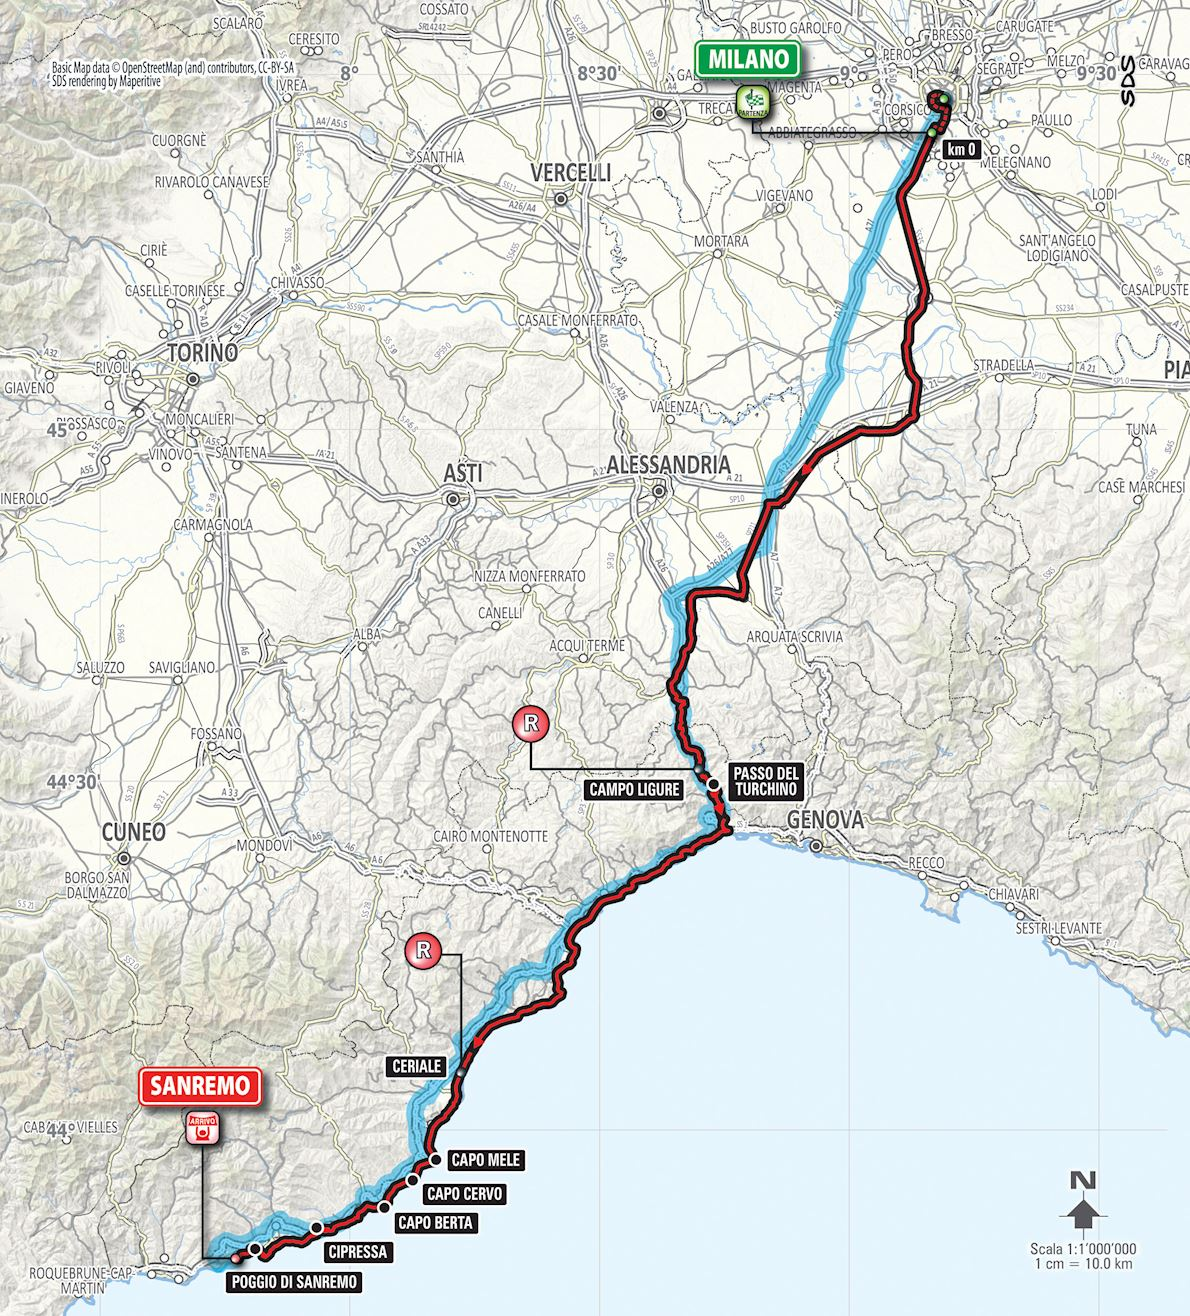 Ultramaratona Milano Sanremo Route Map